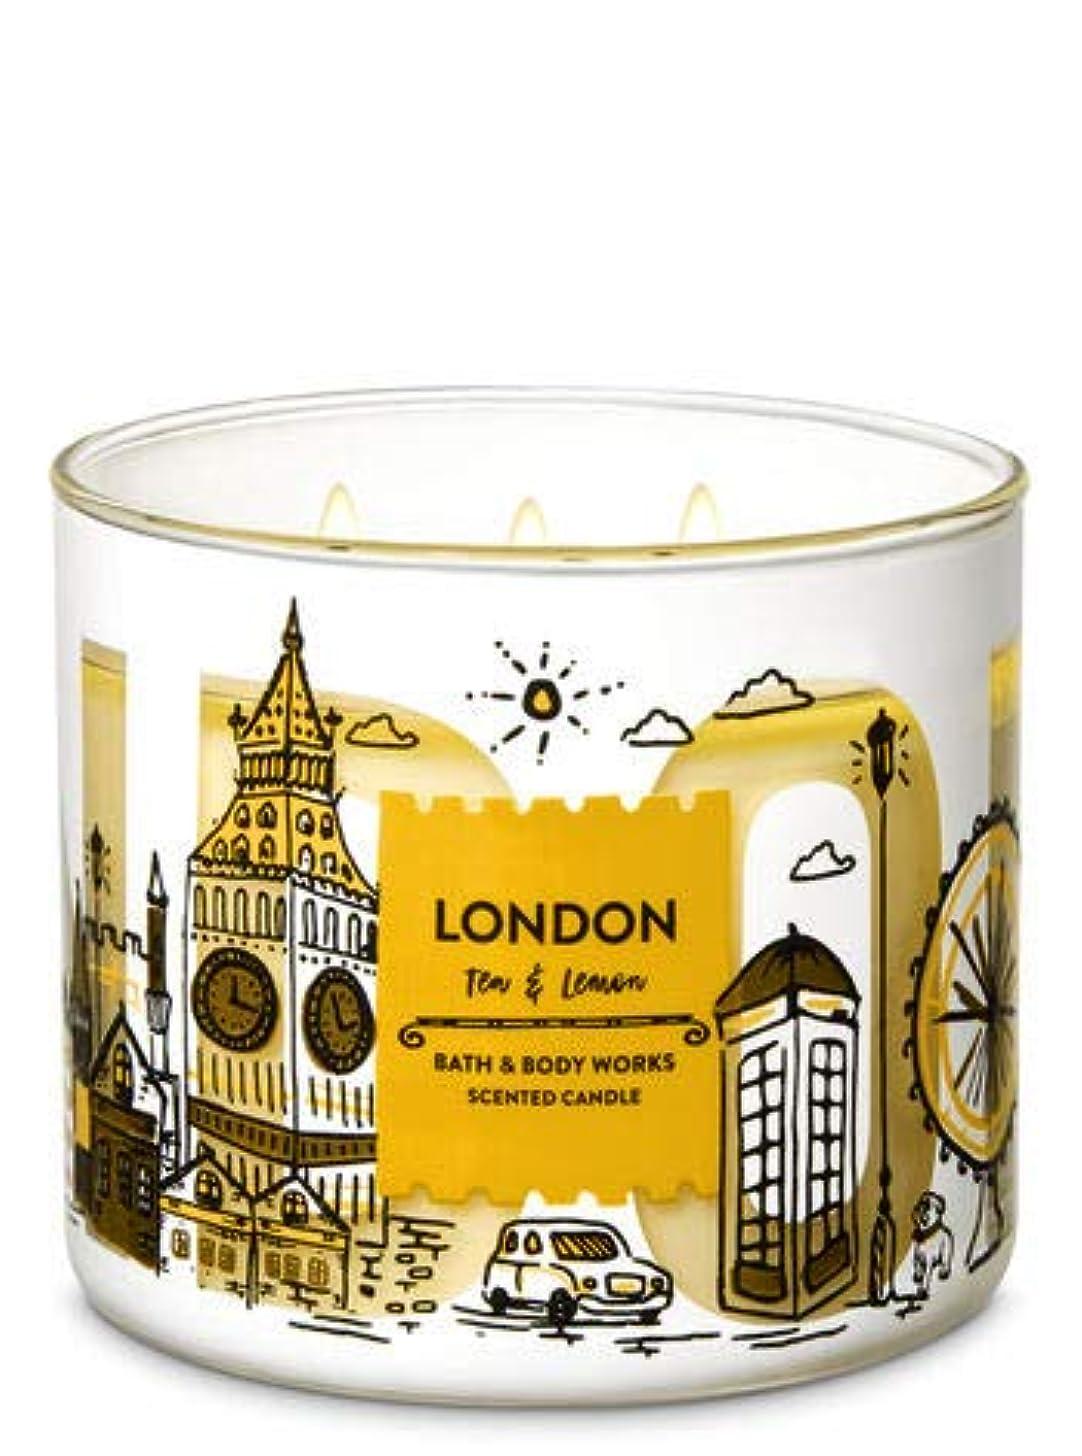 ほとんどない鰐行商人【Bath&Body Works/バス&ボディワークス】 アロマキャンドル ティー&レモン 3-Wick Scented Candle London Tea & Lemon 14.5oz/411g [並行輸入品]